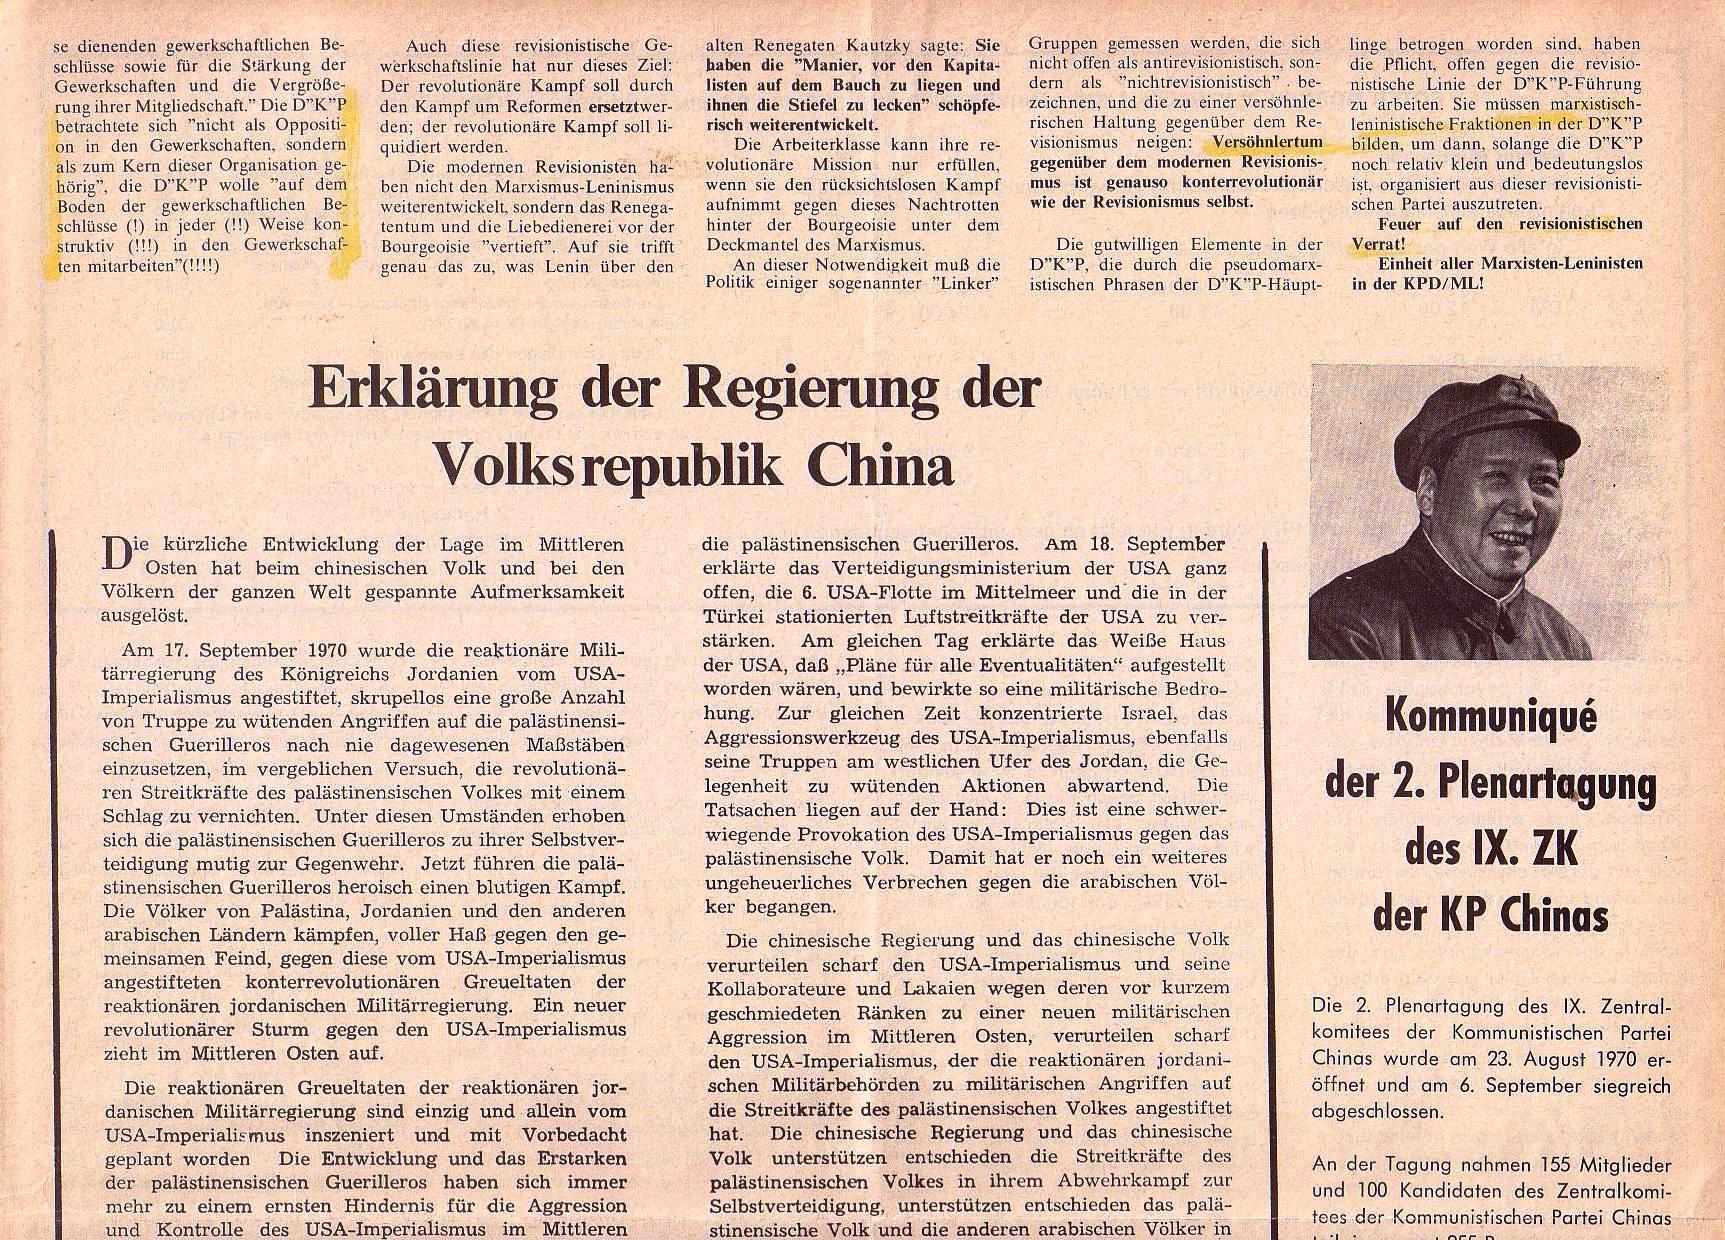 Roter Morgen, 4. Jg., Oktober 1970, Nr. 9, Seite 7a